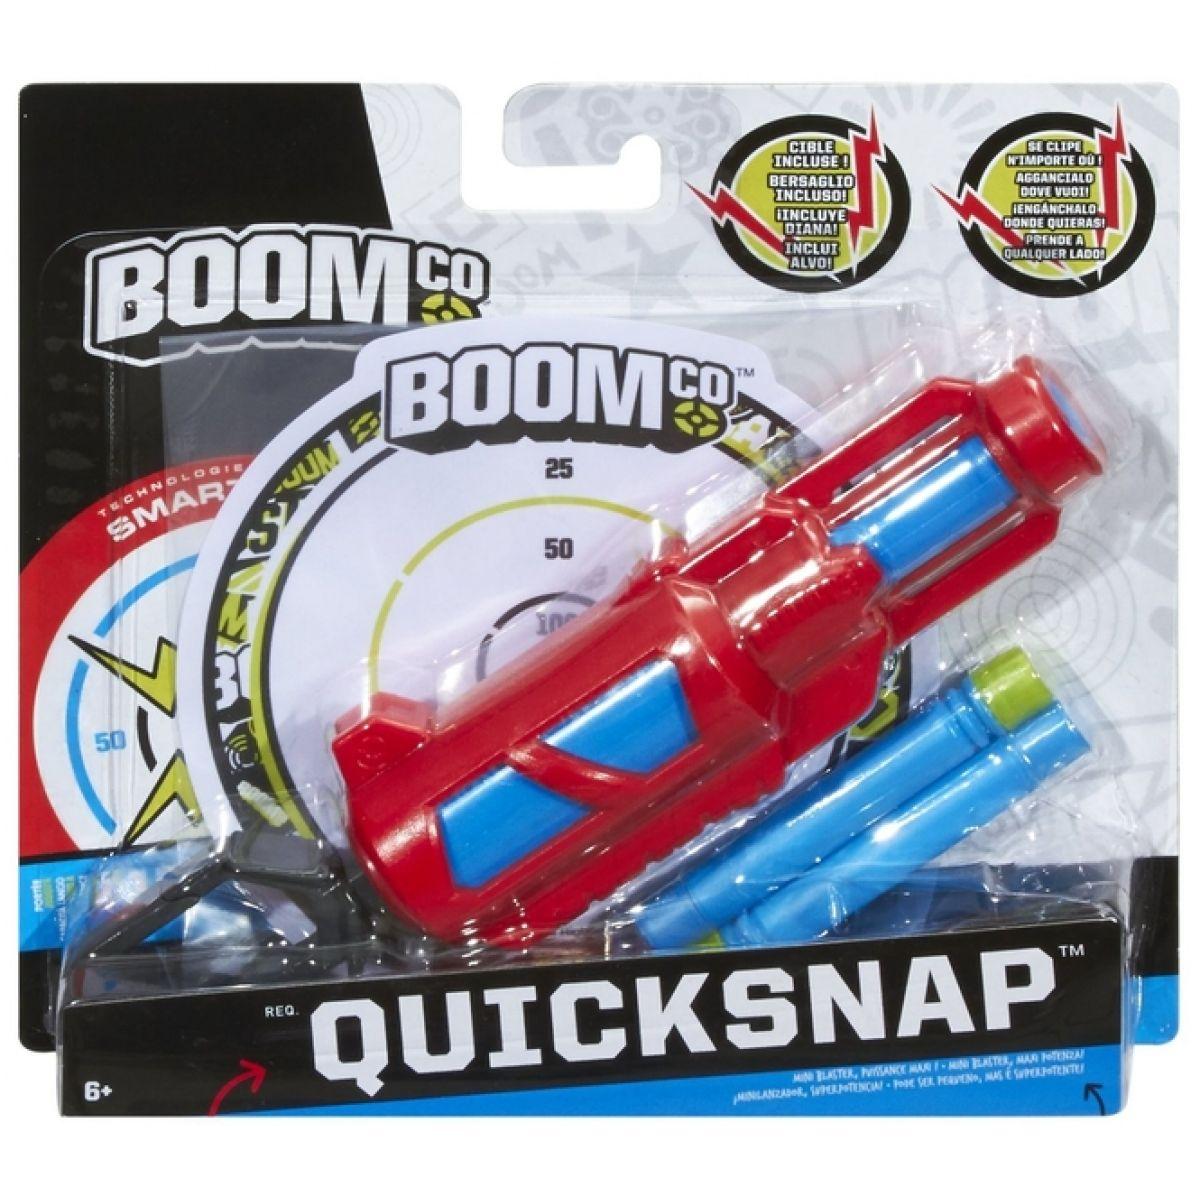 Boomco Quicksnap #2